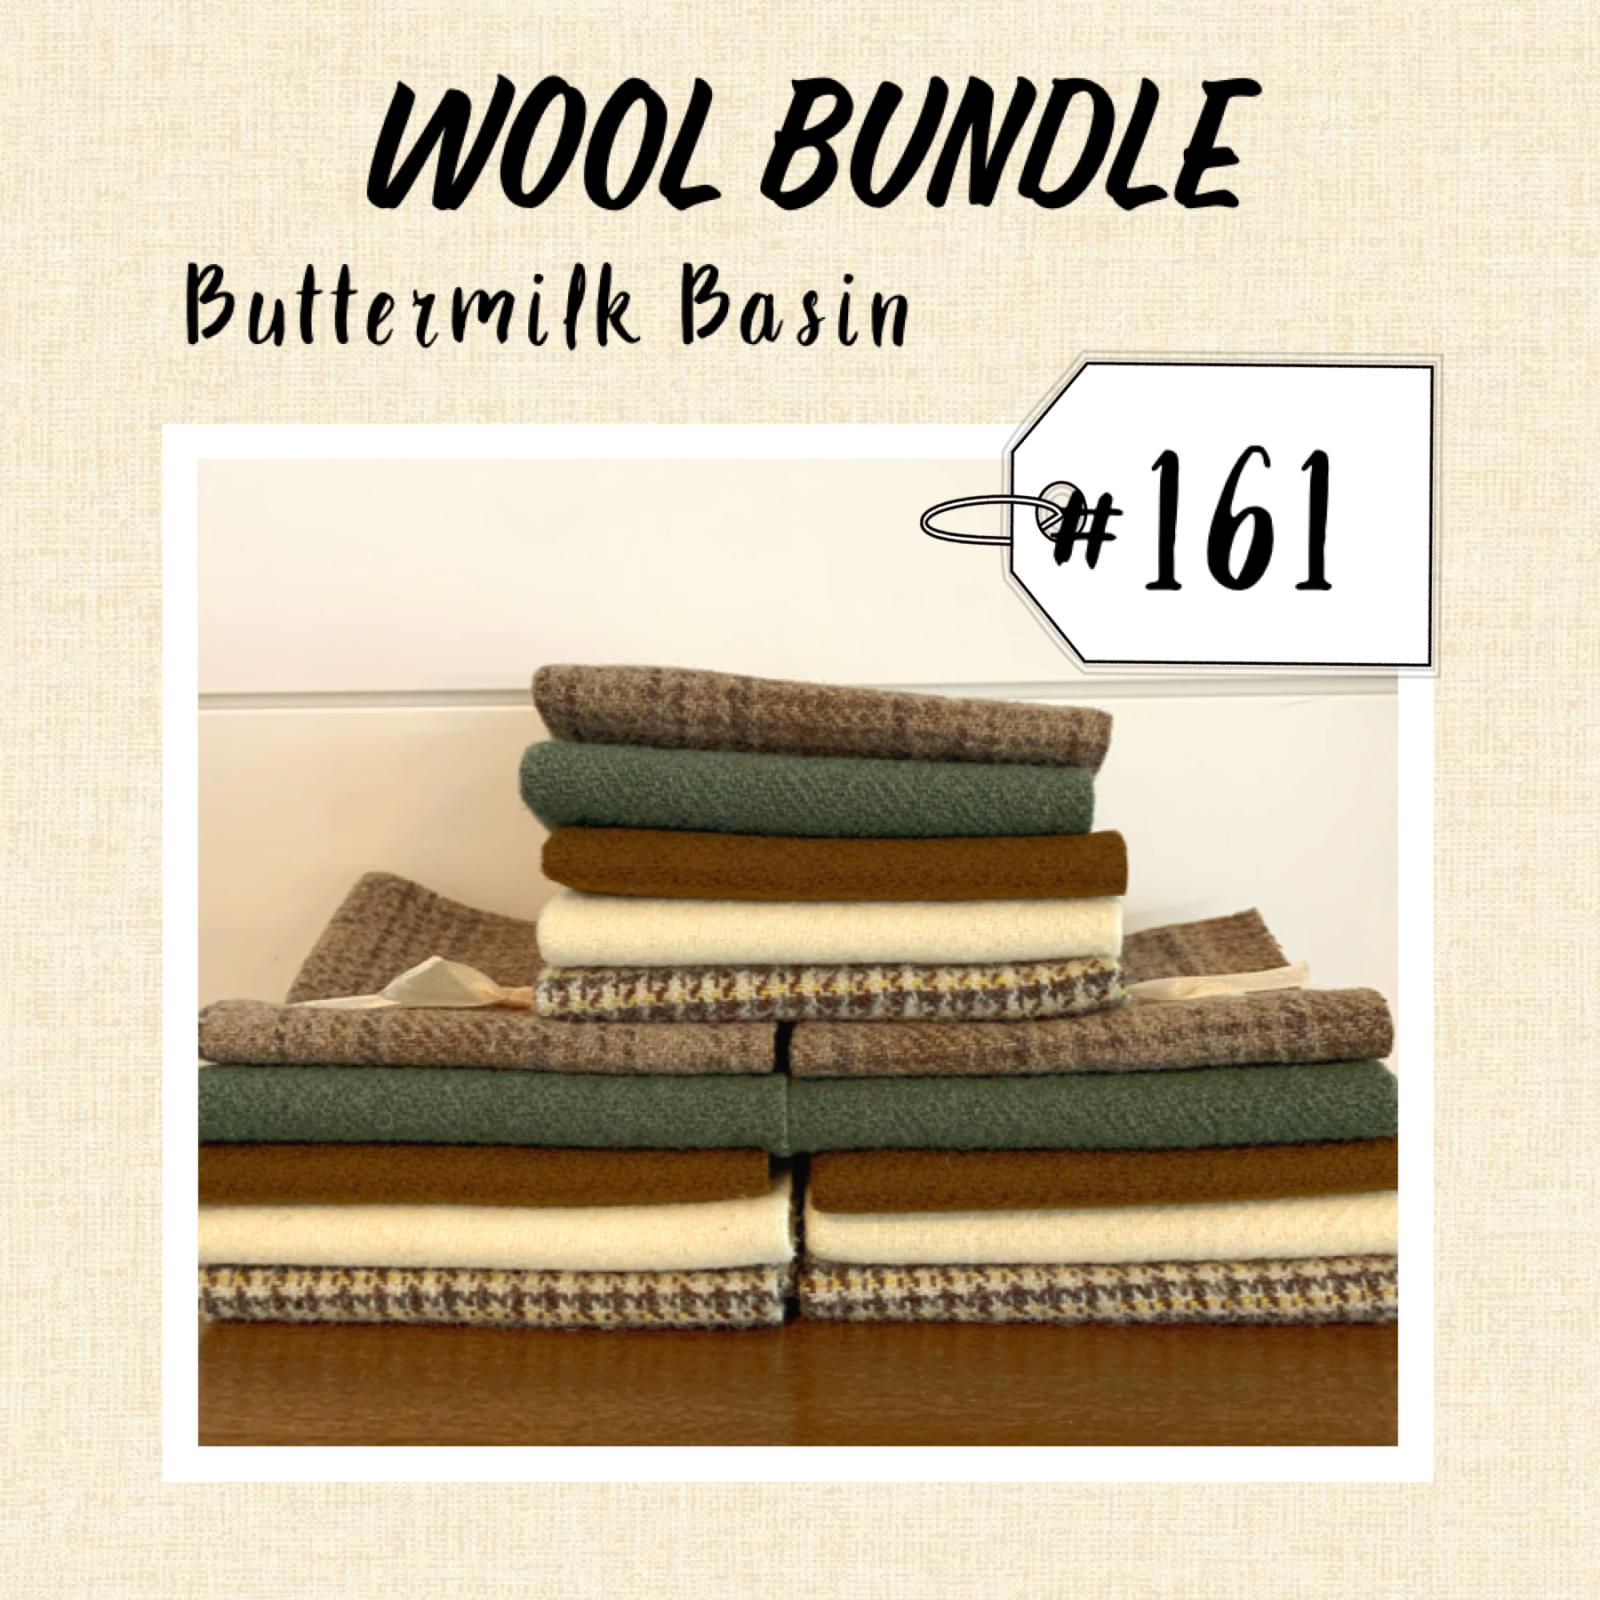 Wool Bundle #161